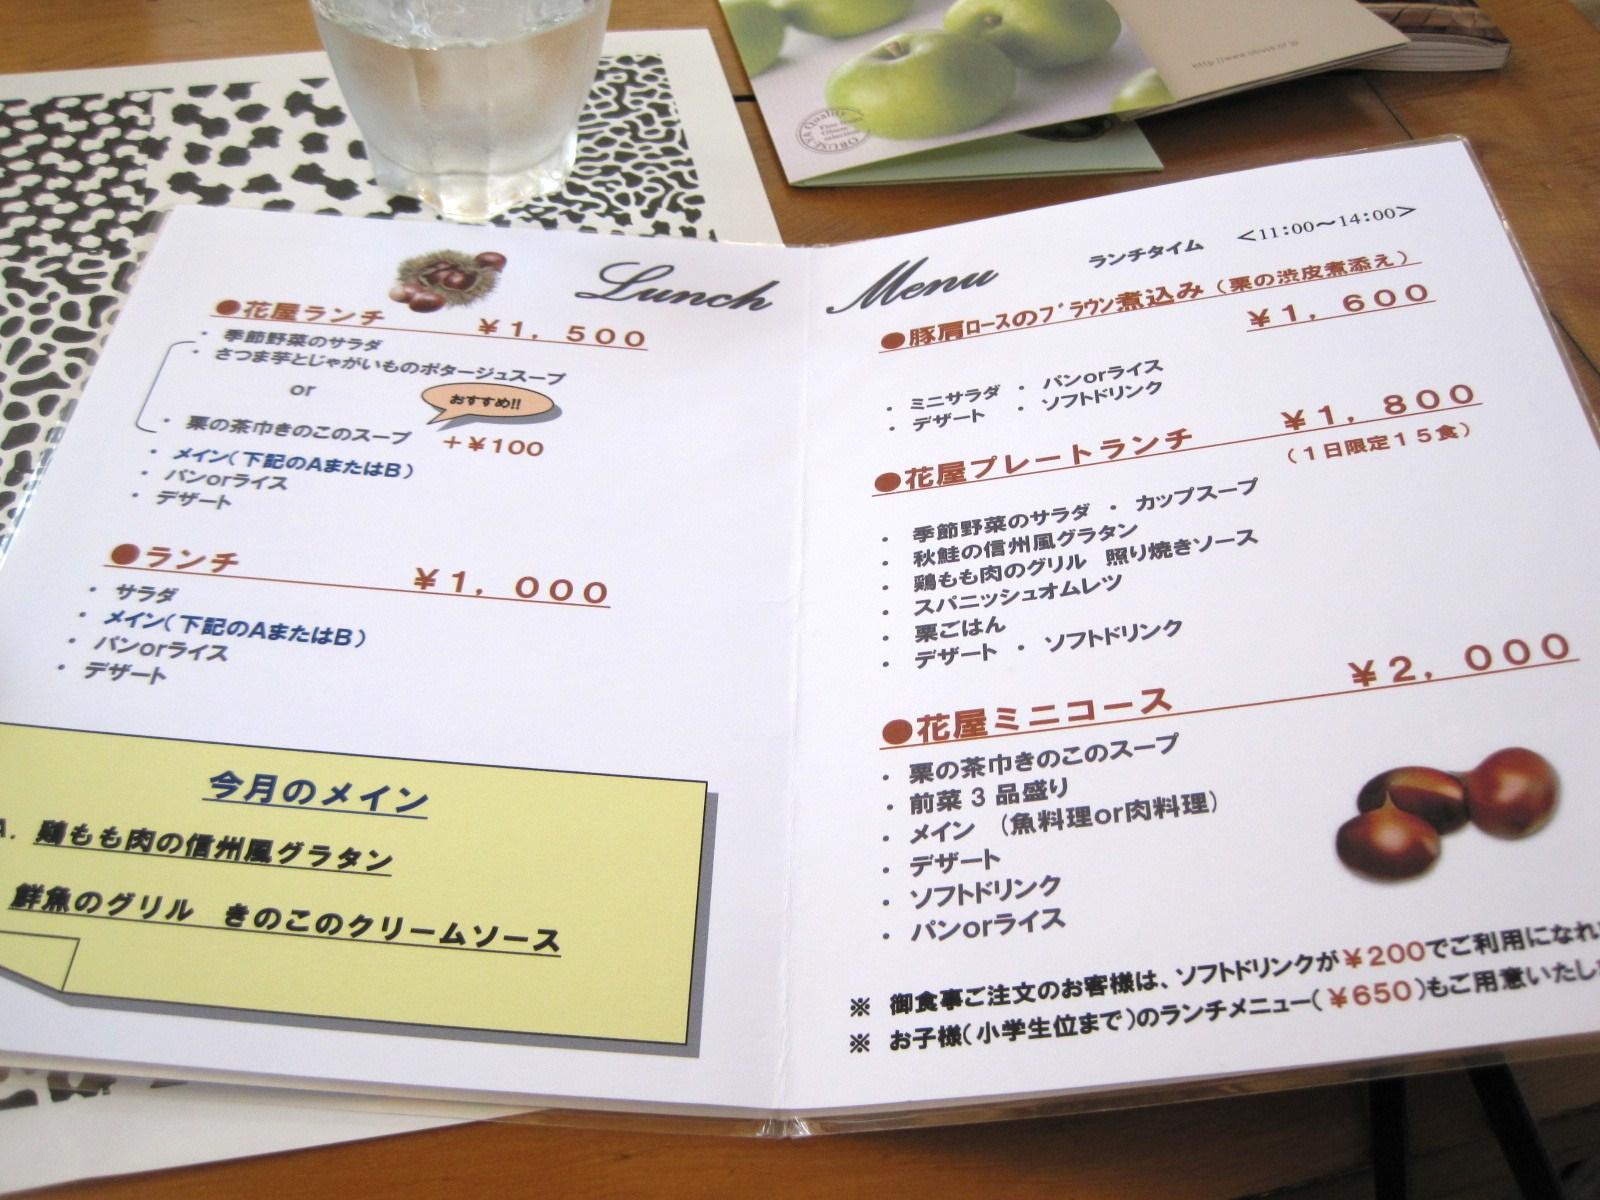 2011・小布施で栗三昧♪ フローラルガーデンおぶせ_f0236260_12324172.jpg